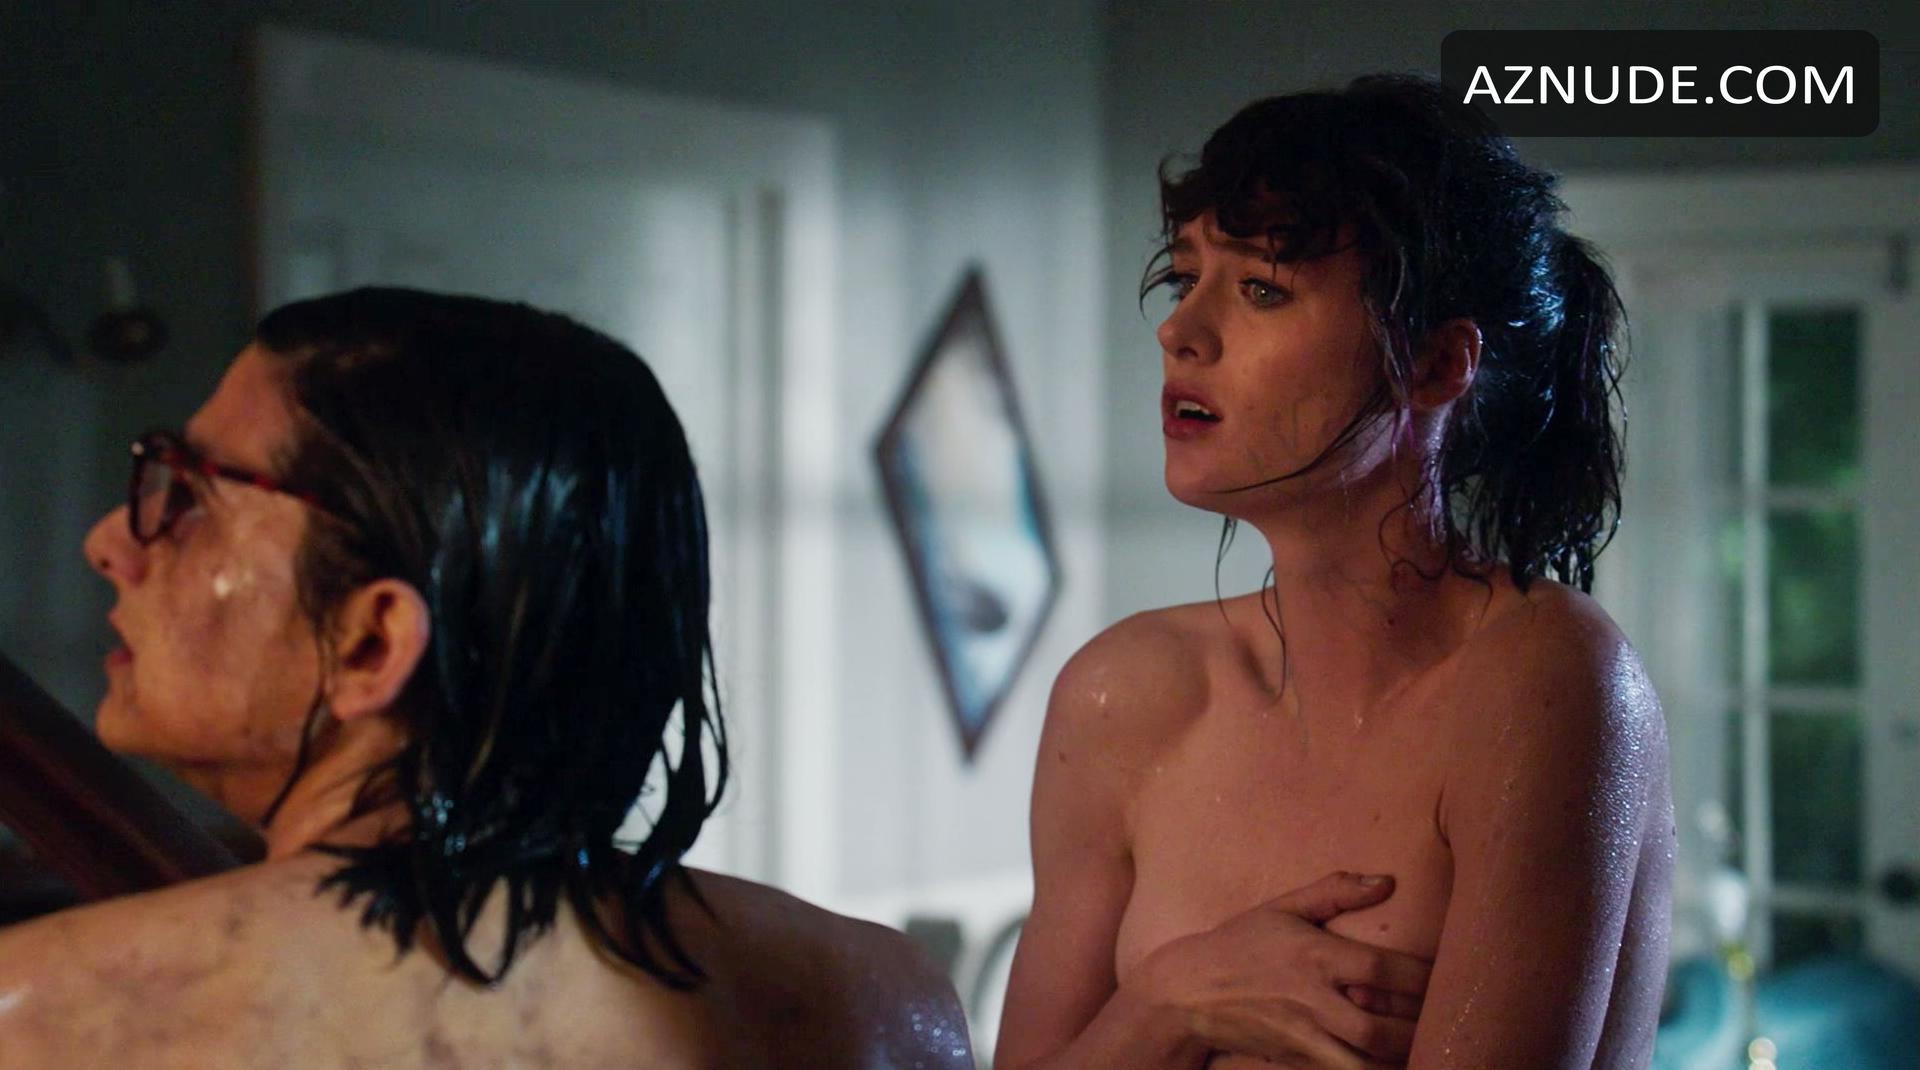 Freaks Of Nature Nude Scenes - Aznude-2018